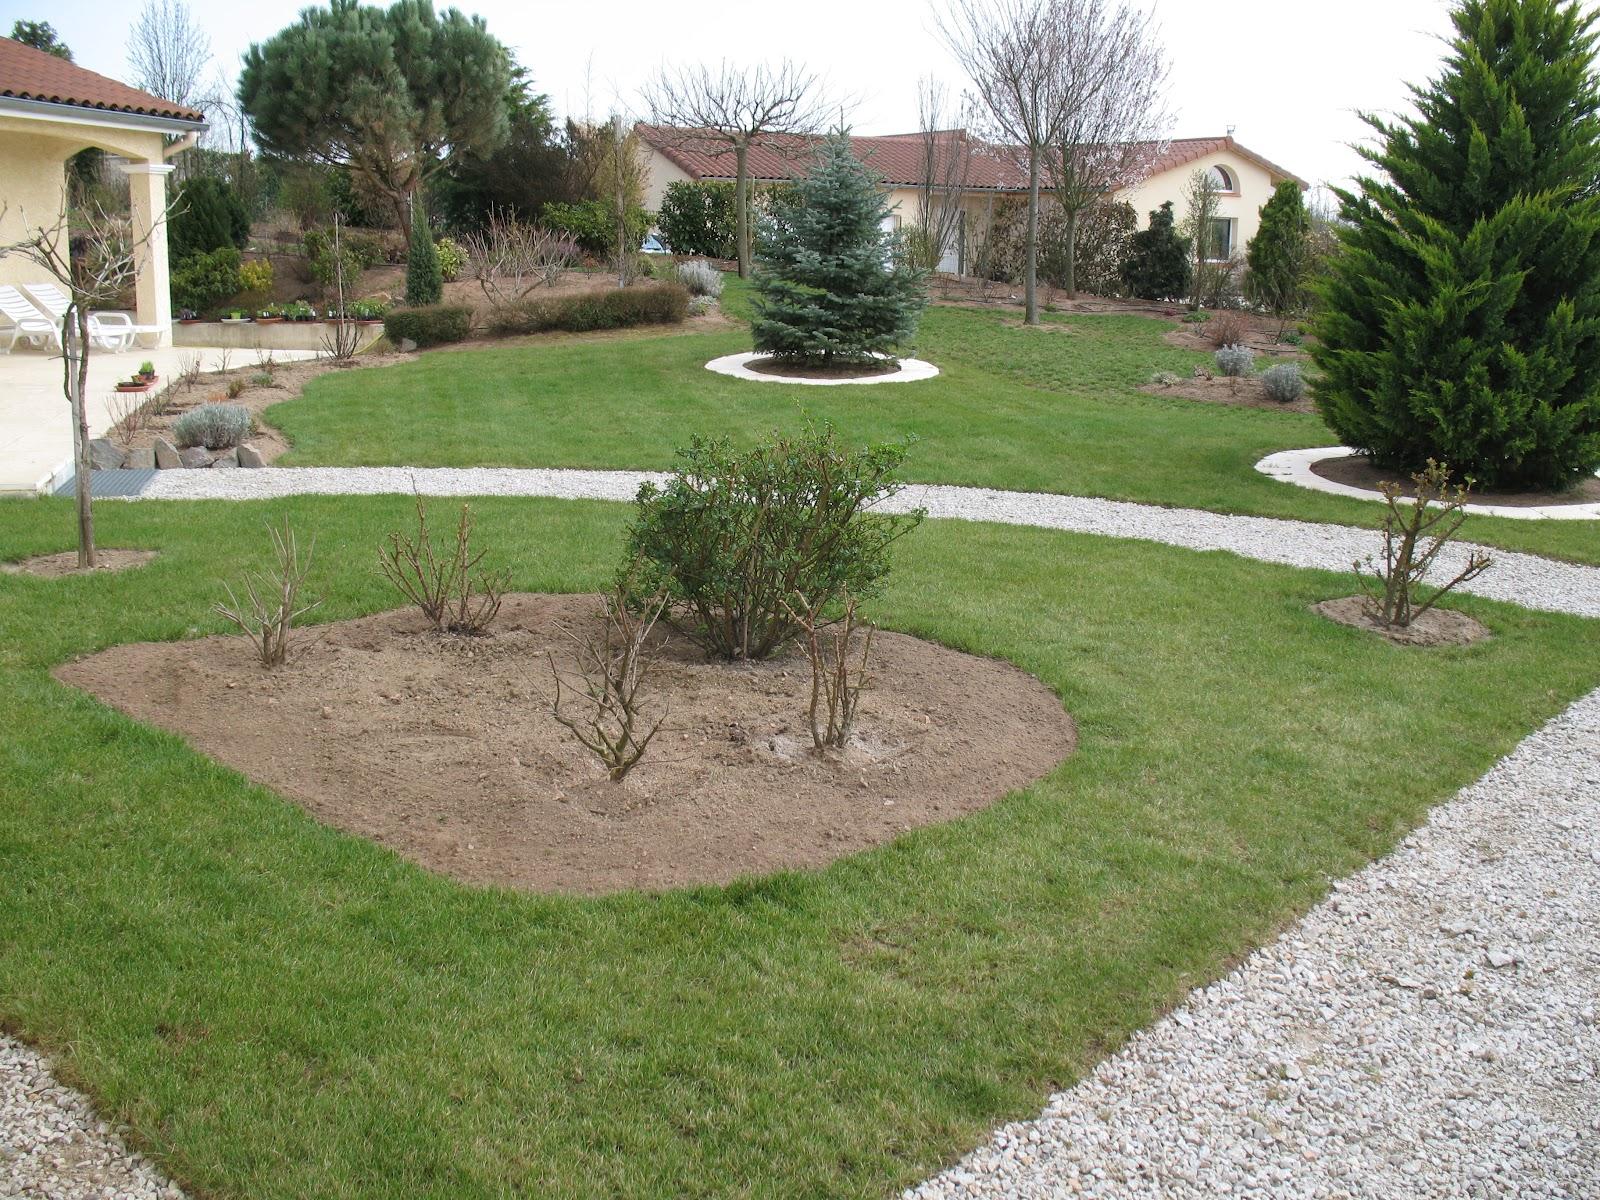 Roses du jardin ch neland le jardin en mars - Jardin de chen ...